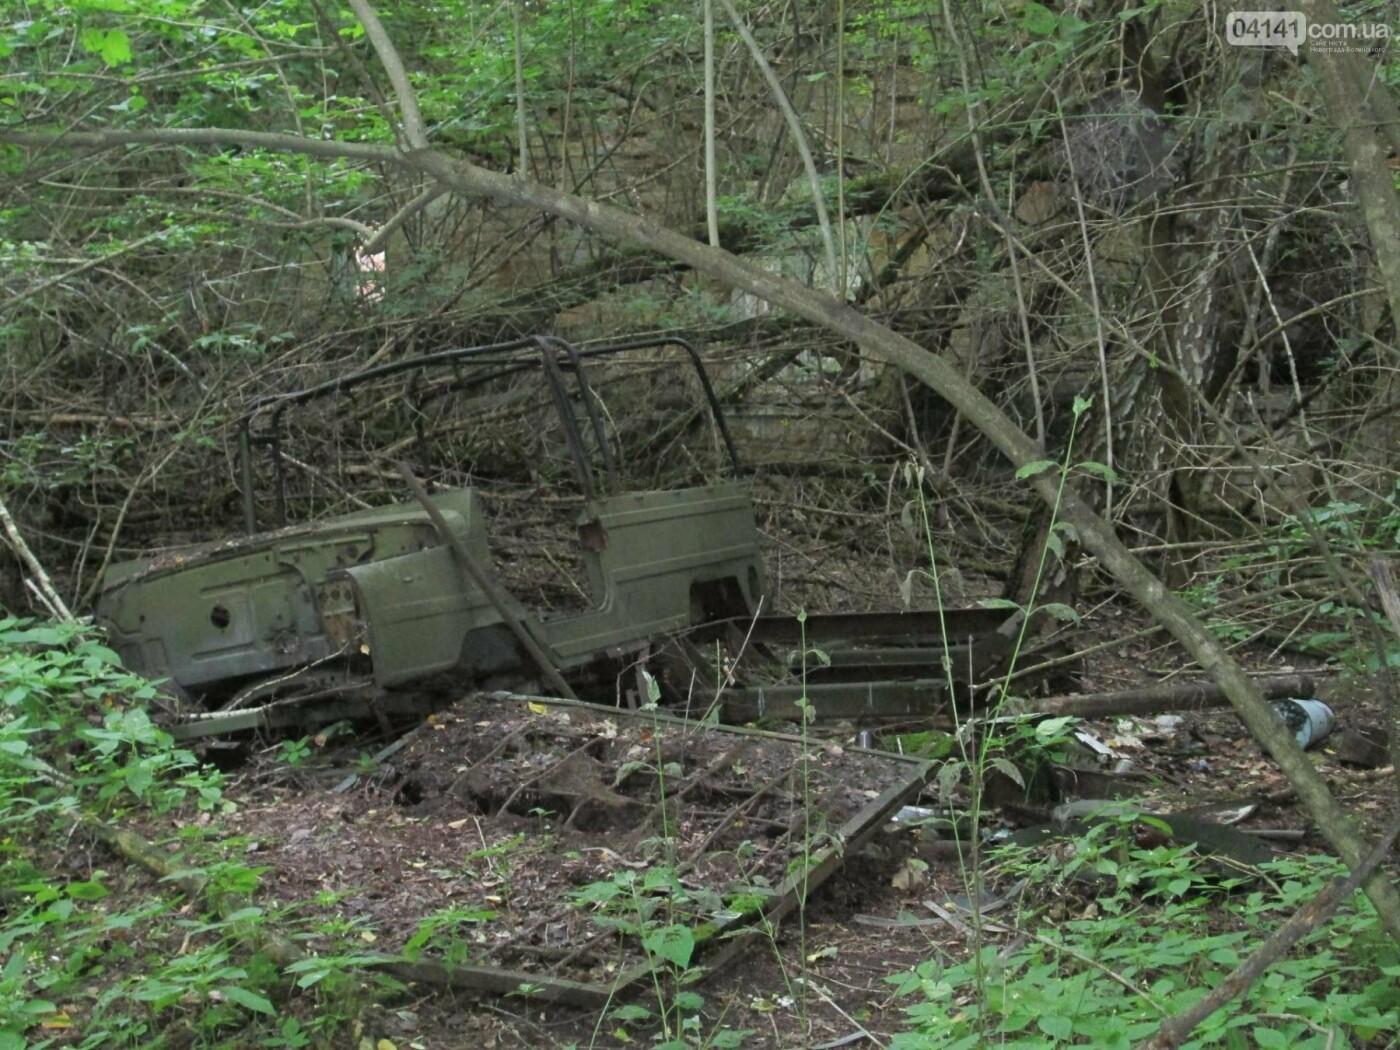 Річниця аварії на ЧАЕС: Ручний лис Семен та інші факти про трагедію, відео від сайту 04141.com.ua з зони відчуження, фото-4